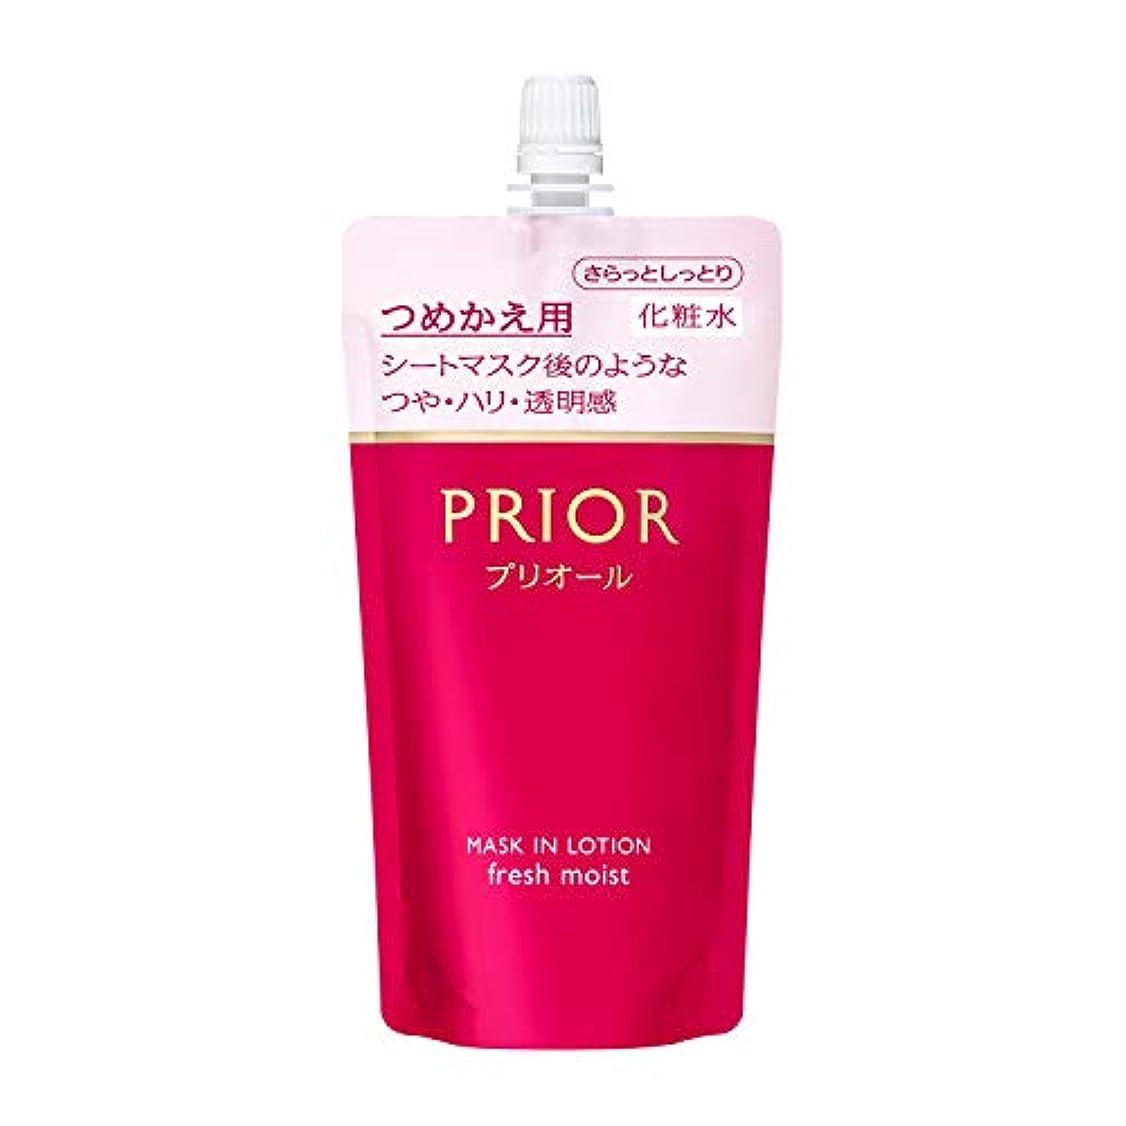 プリオール マスクイン化粧水 (さらっとしっとり) (つめかえ用) 140mL